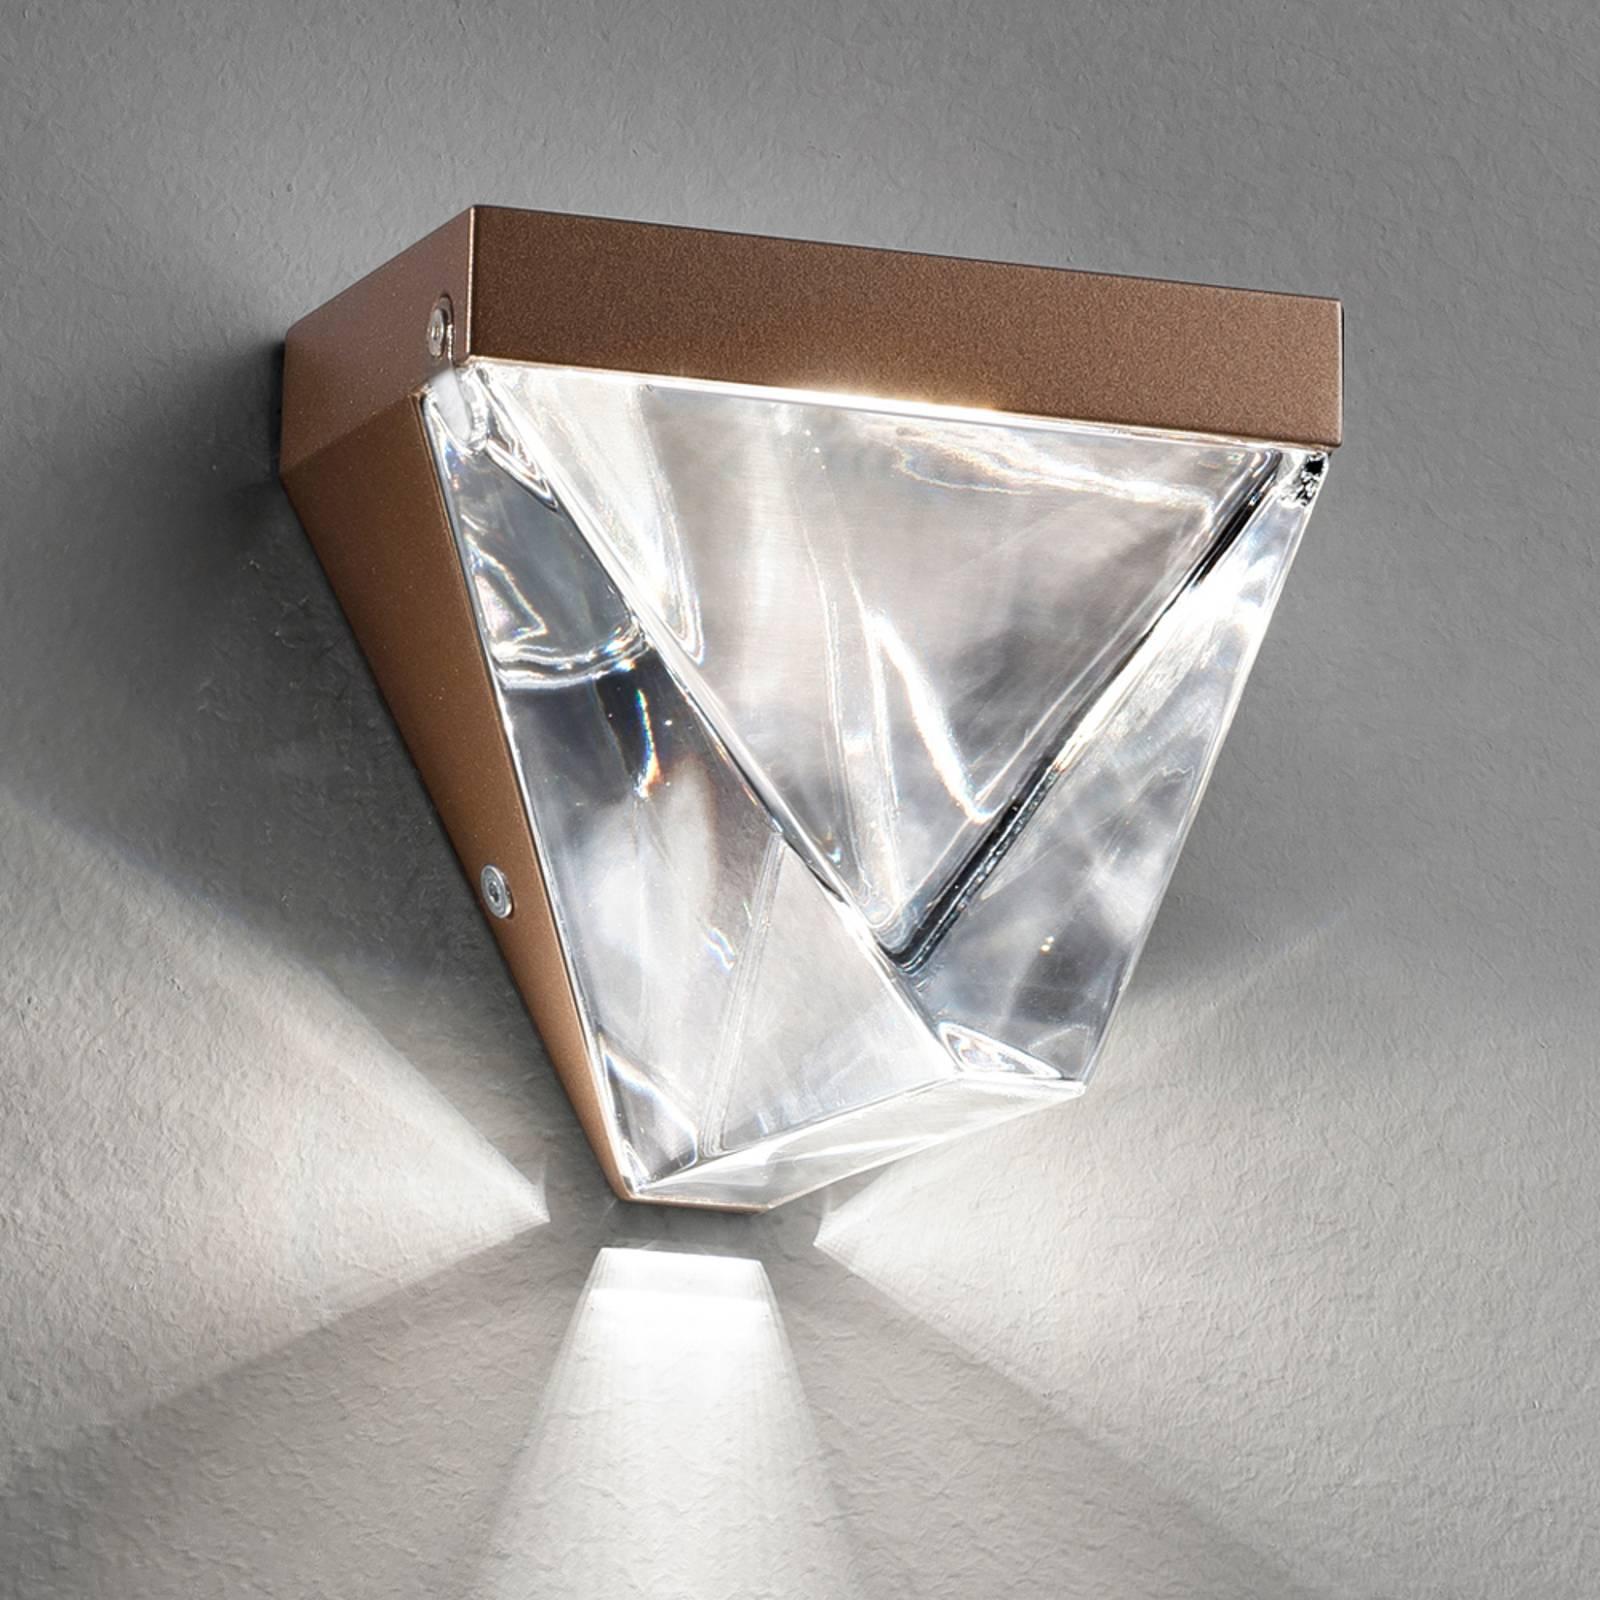 Glinsterende LED wandlamp Tripla, brons